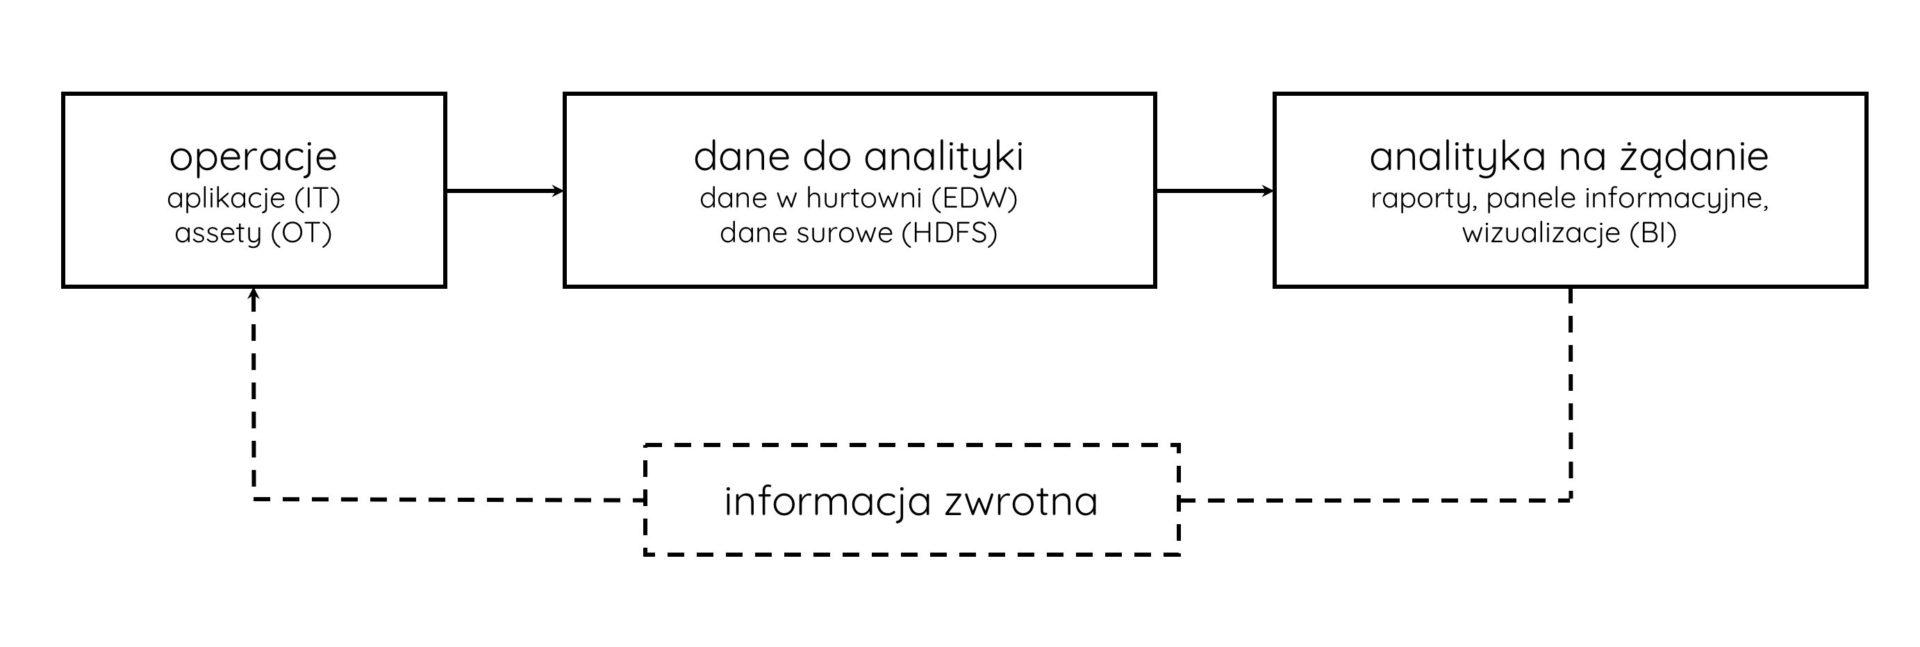 operacje vs. analityka